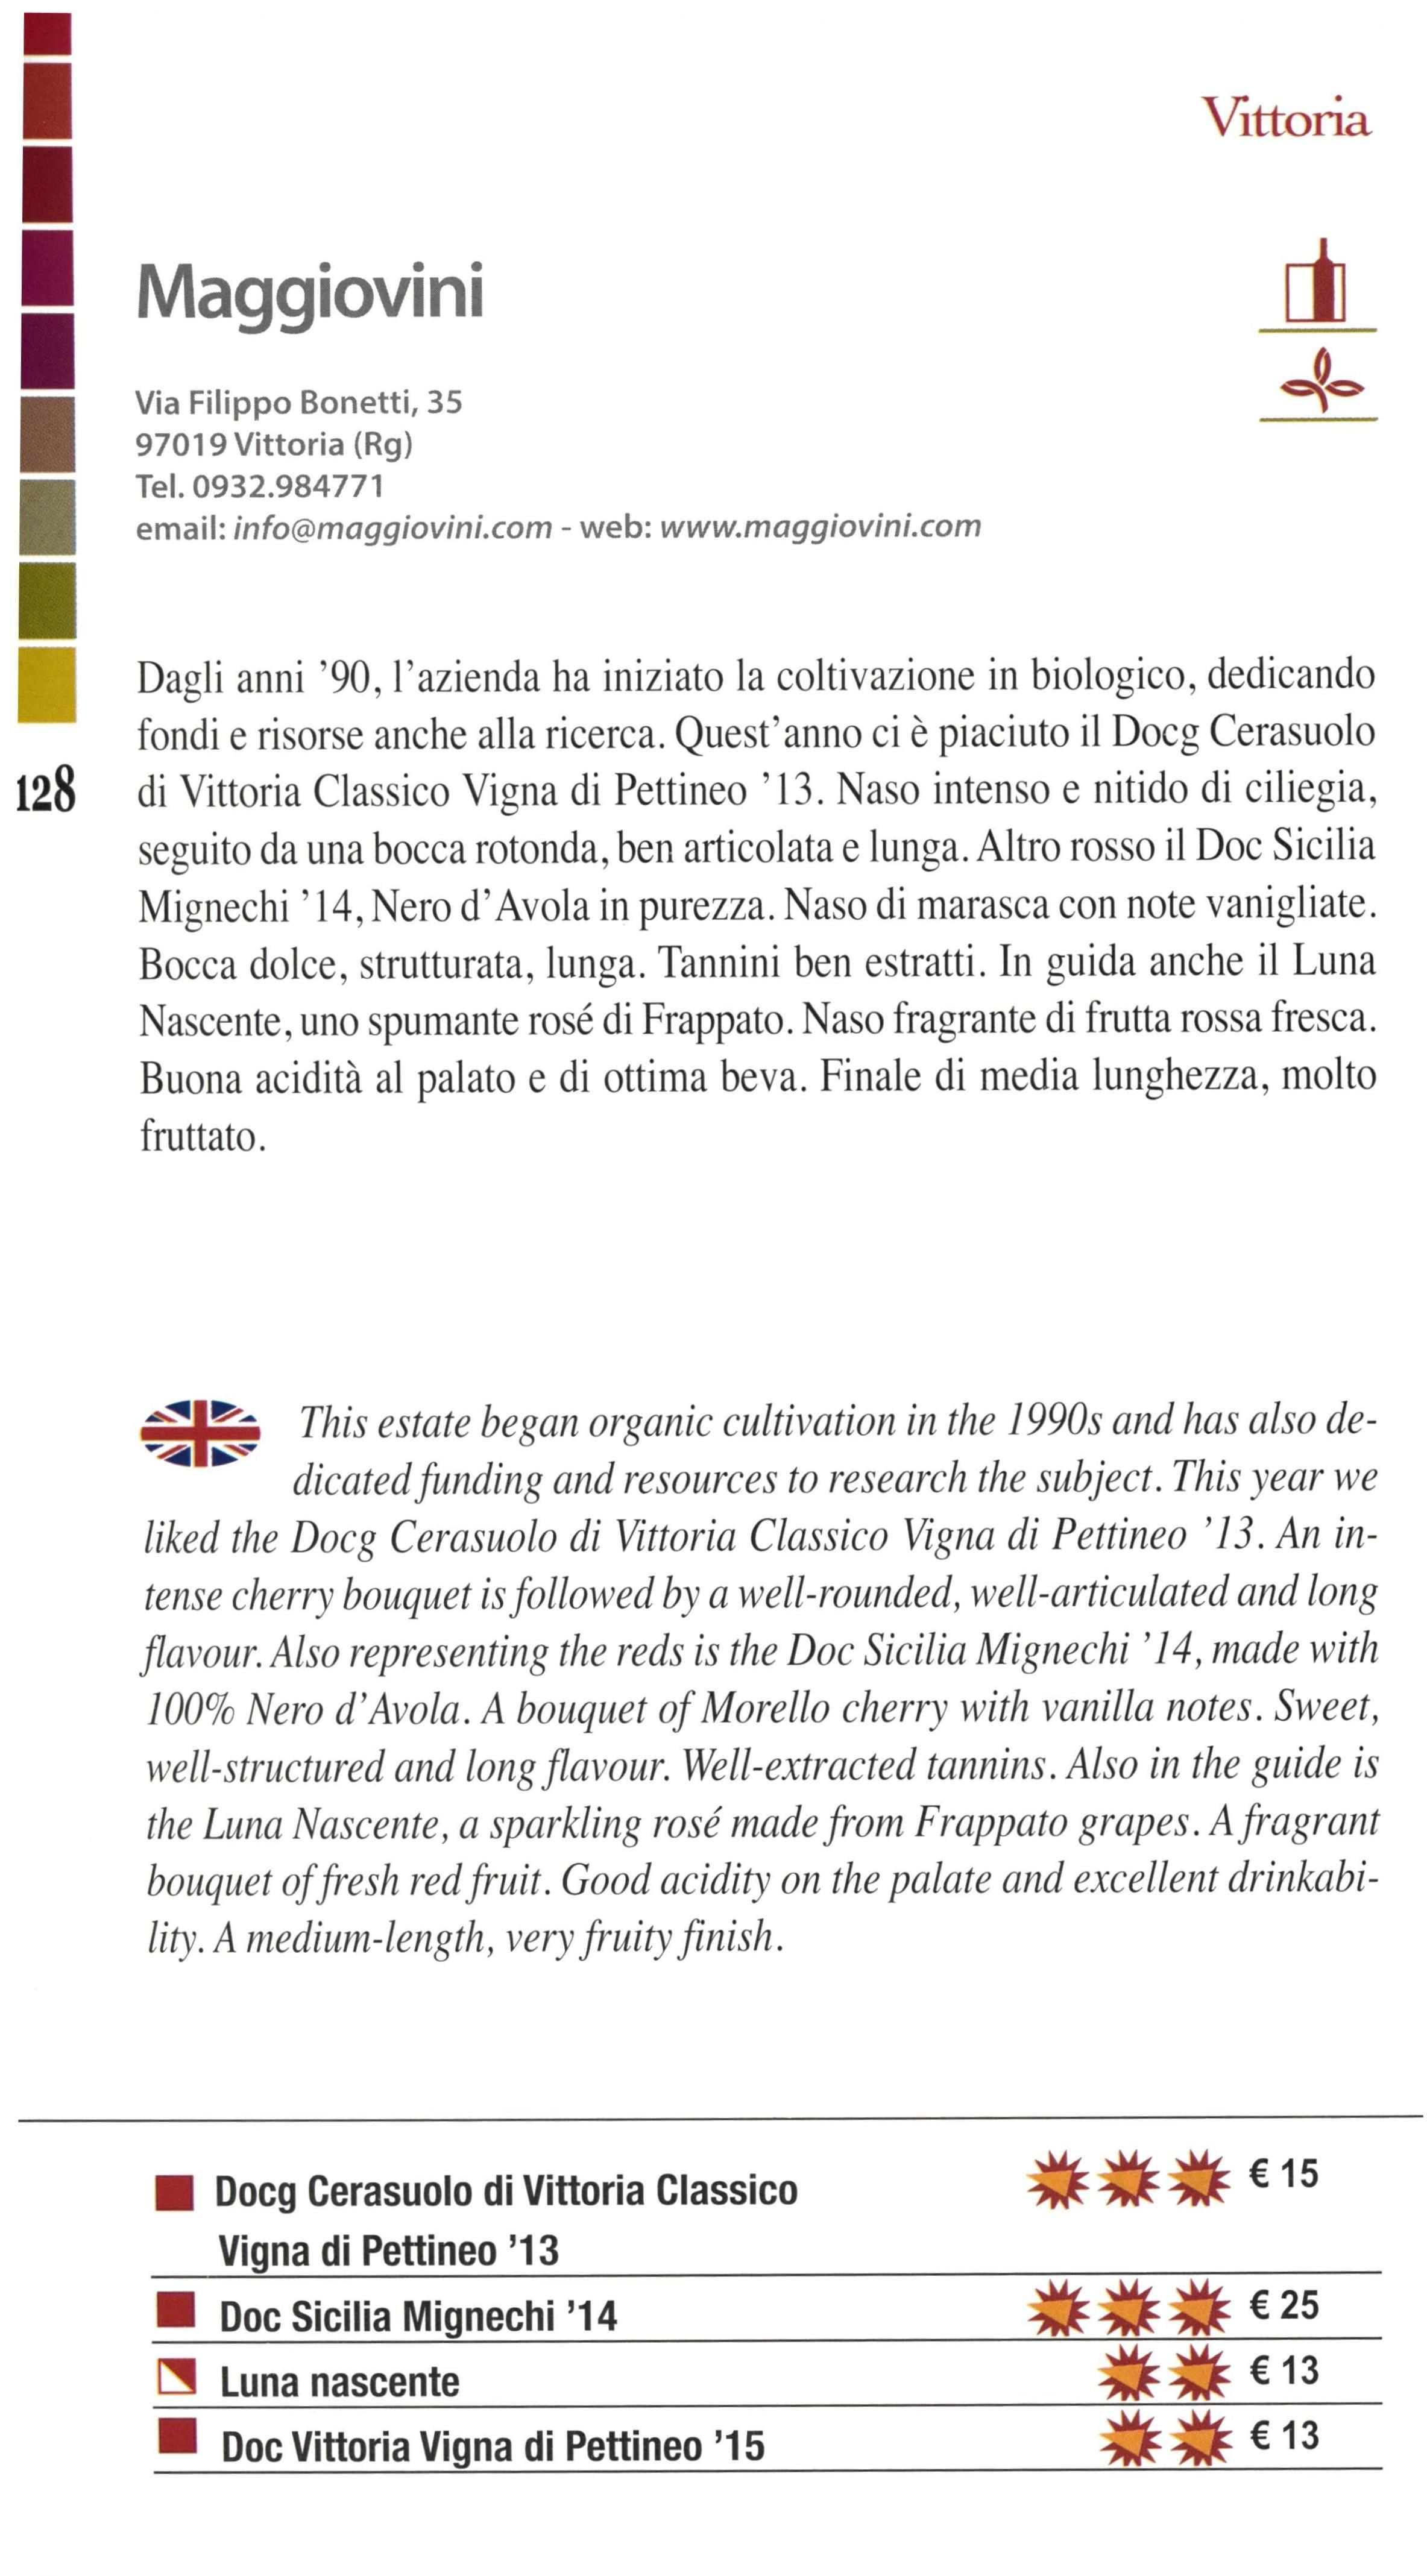 Recensione Maggiovini  - Guida Giornale di Sicilia 2017